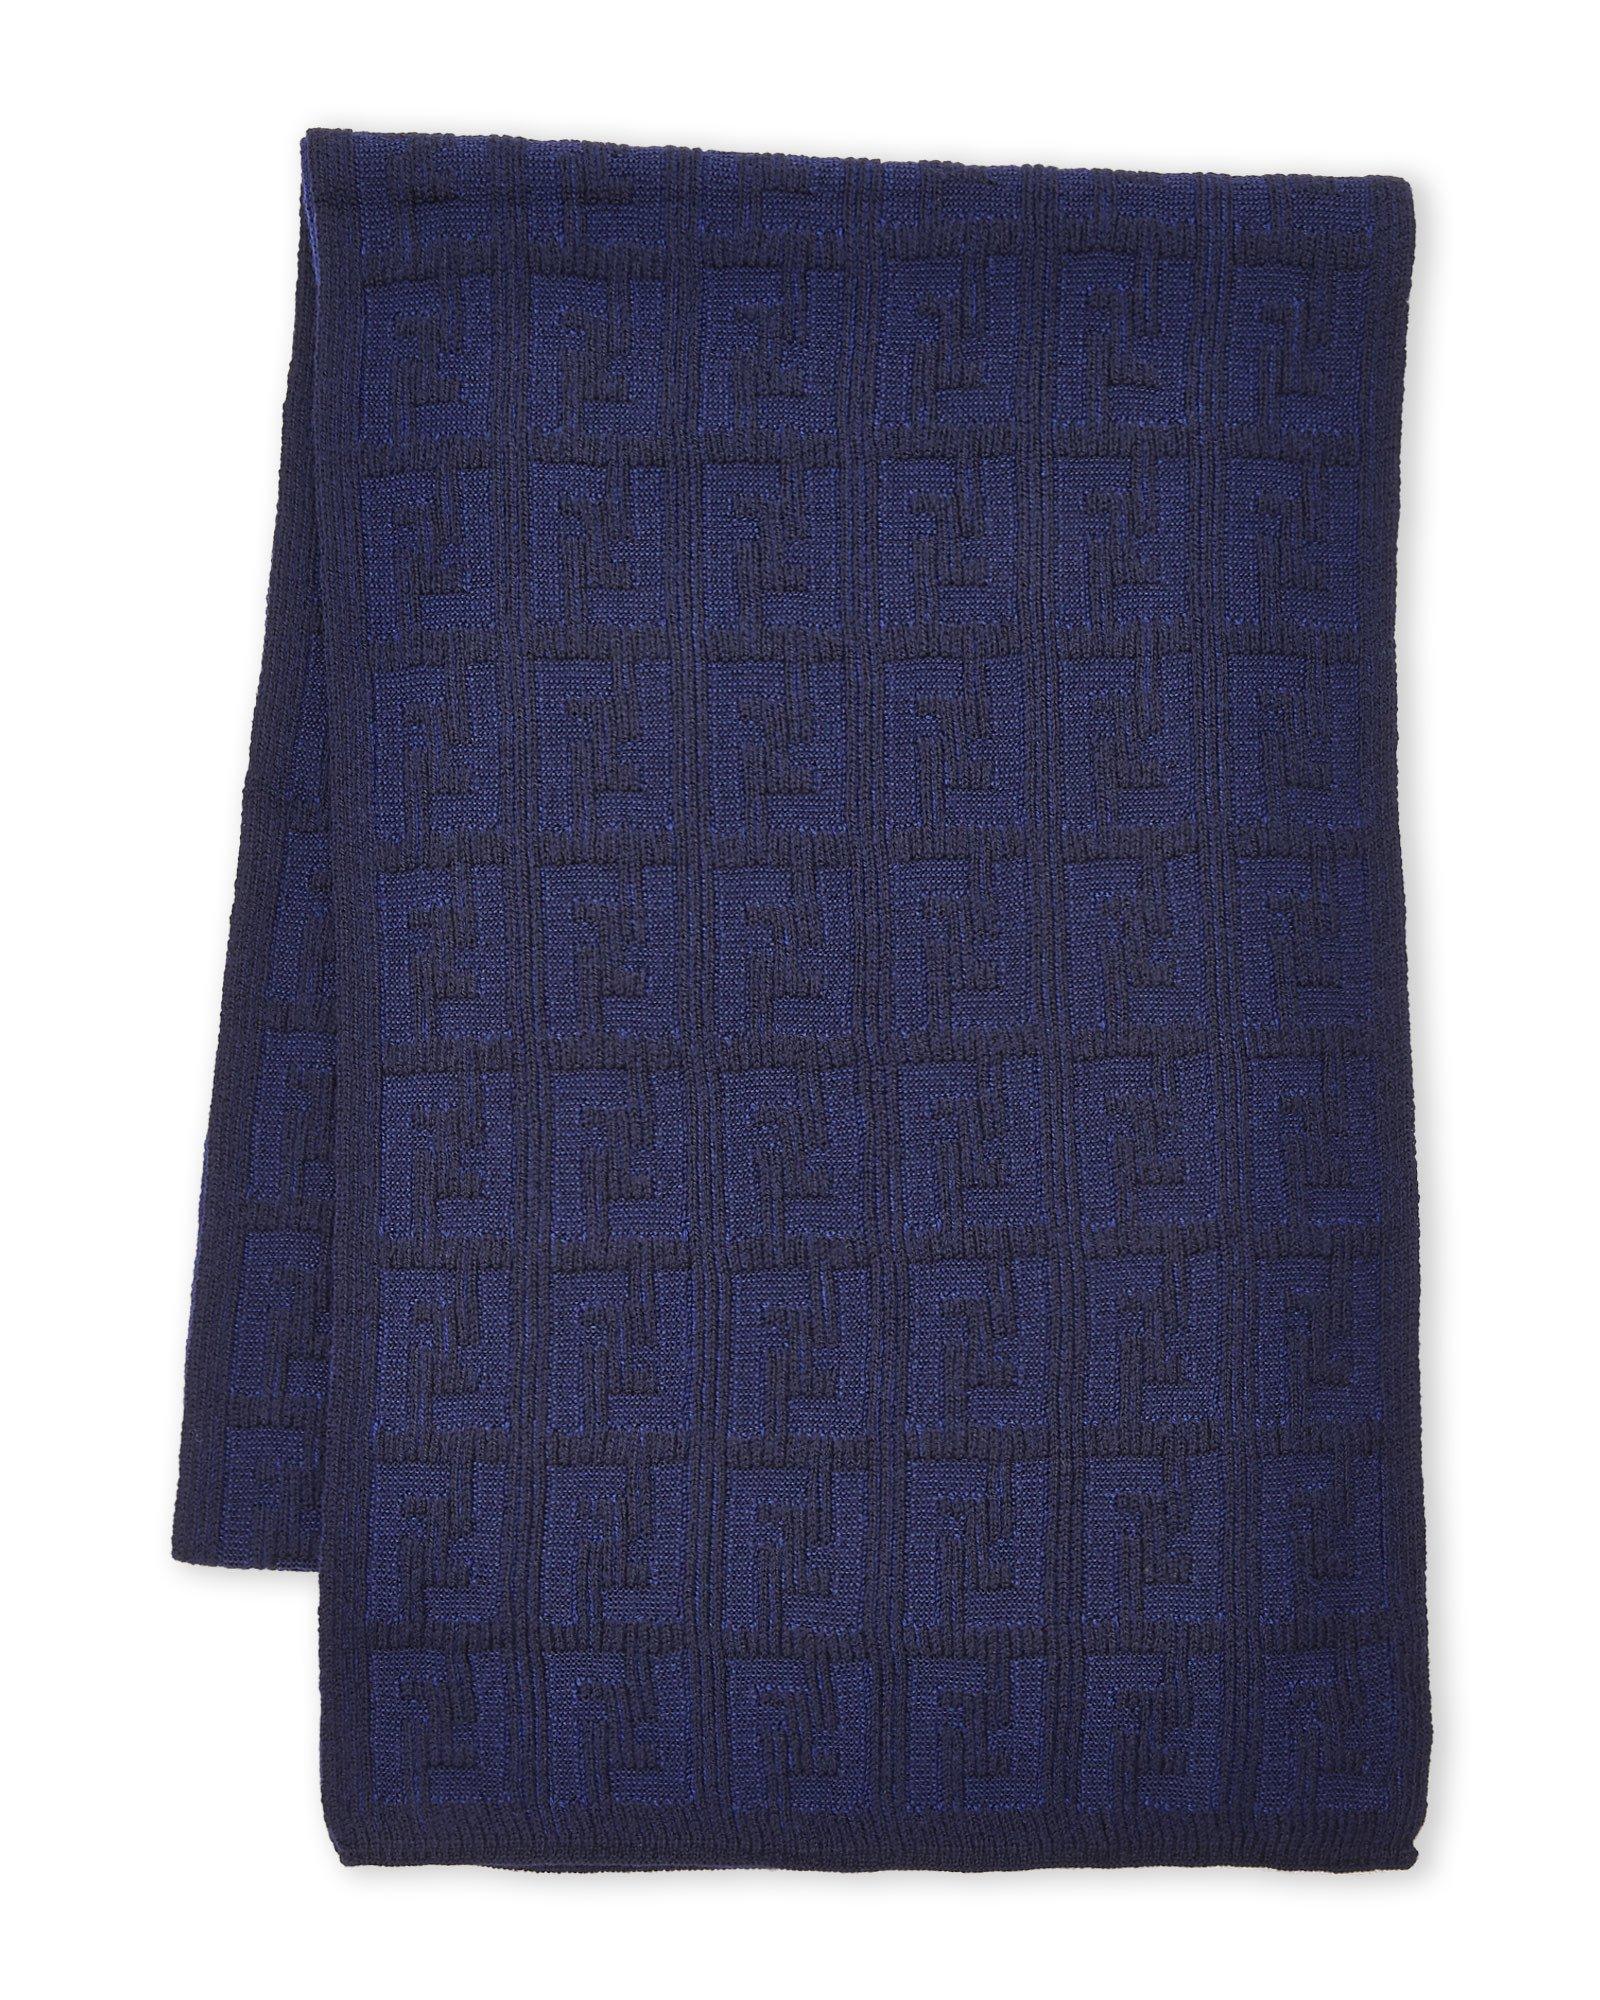 Fendi Women's Men's Knit Tonal Zucca Monogram Wool Scarf, Blue